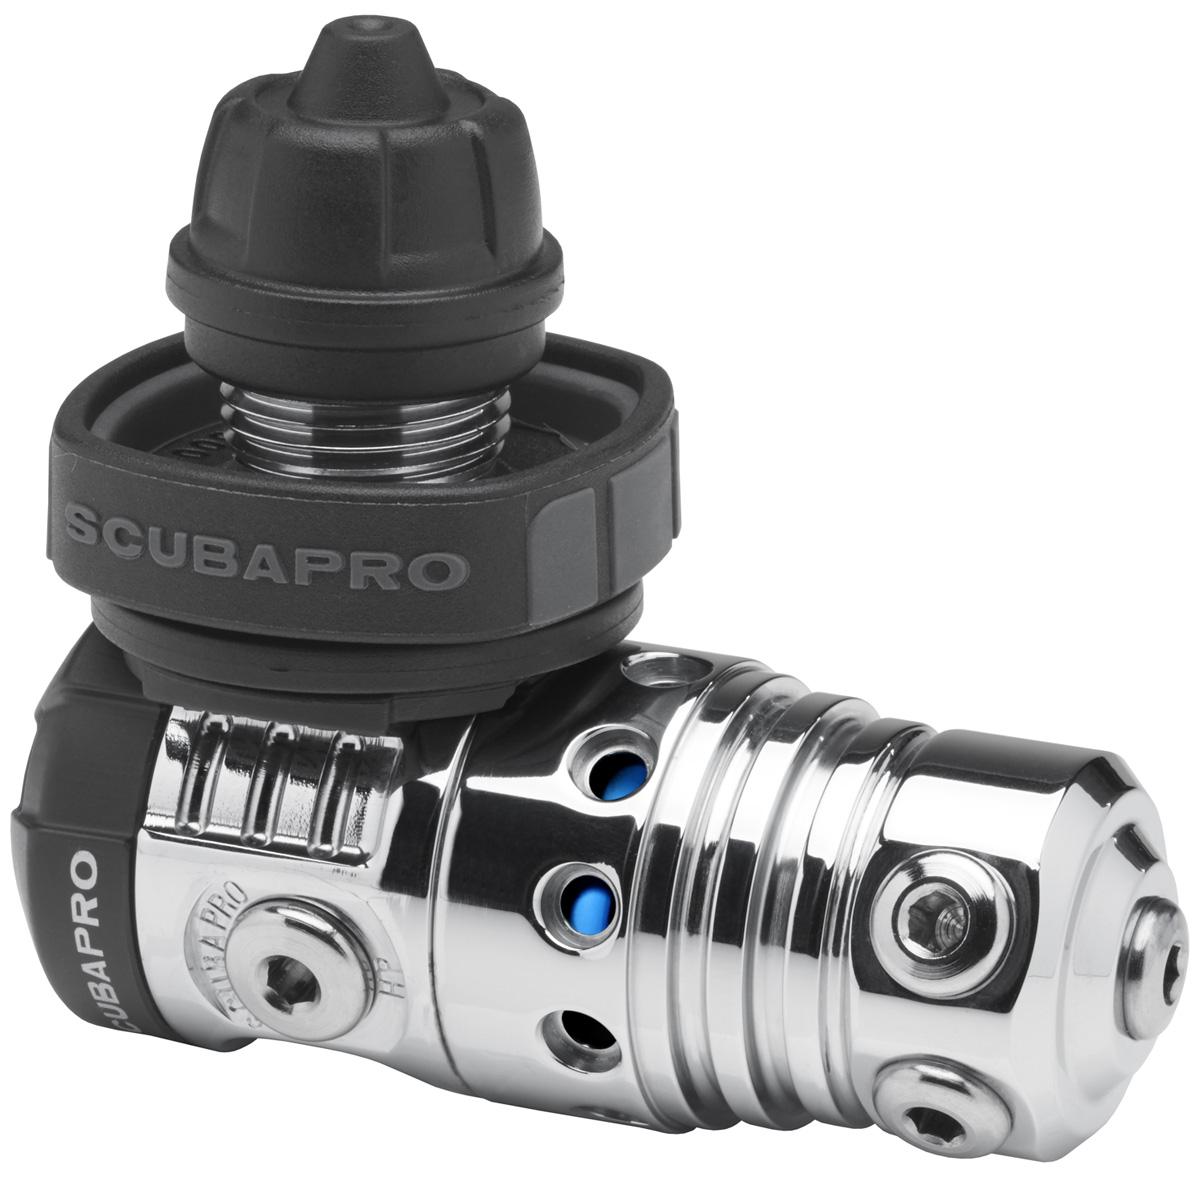 Scubapro MK25 EVO